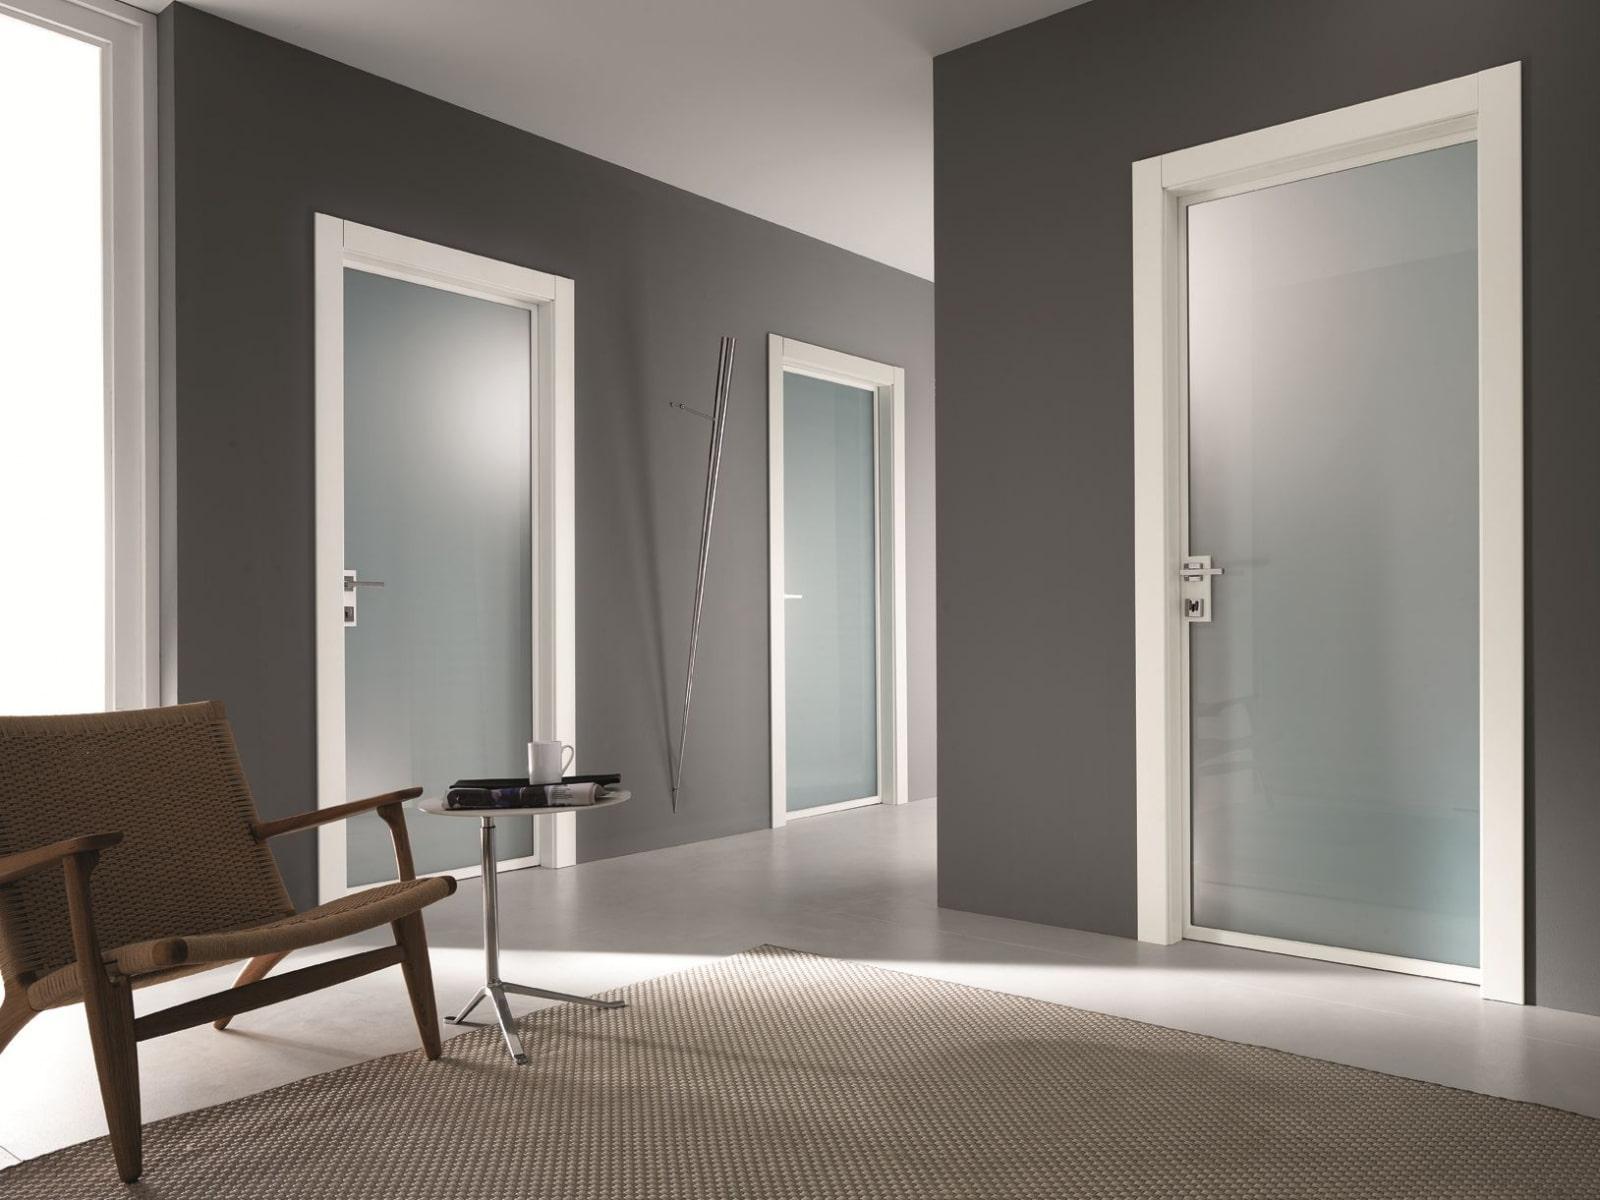 мороз дверях стеклянные двери для квартиры фото любишь